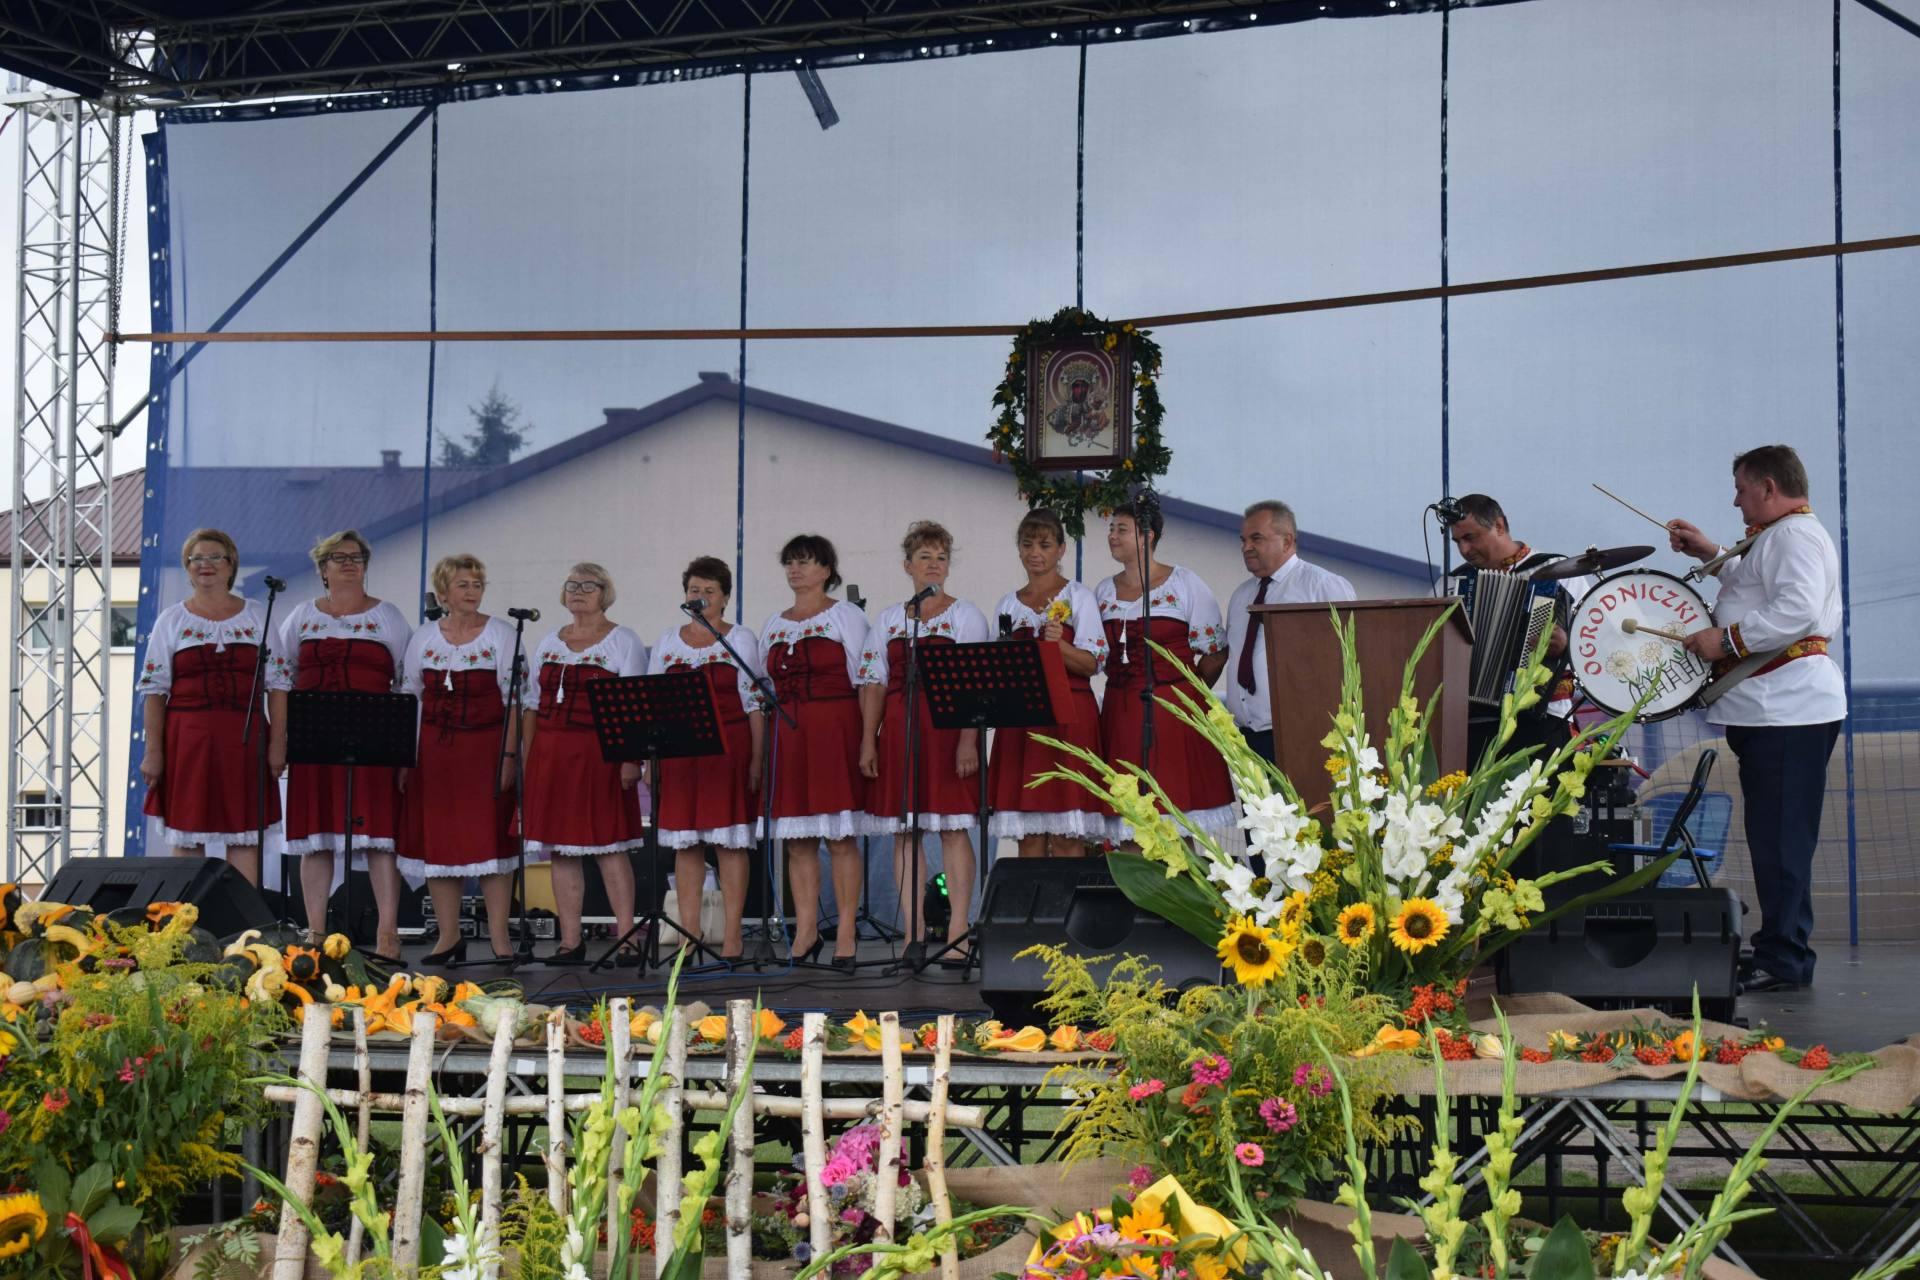 dsc 0392 1 23 sierpnia odbyły się Dożynki Powiatowo-Gminne w Łabuniach. Publikujemy zdjęcia